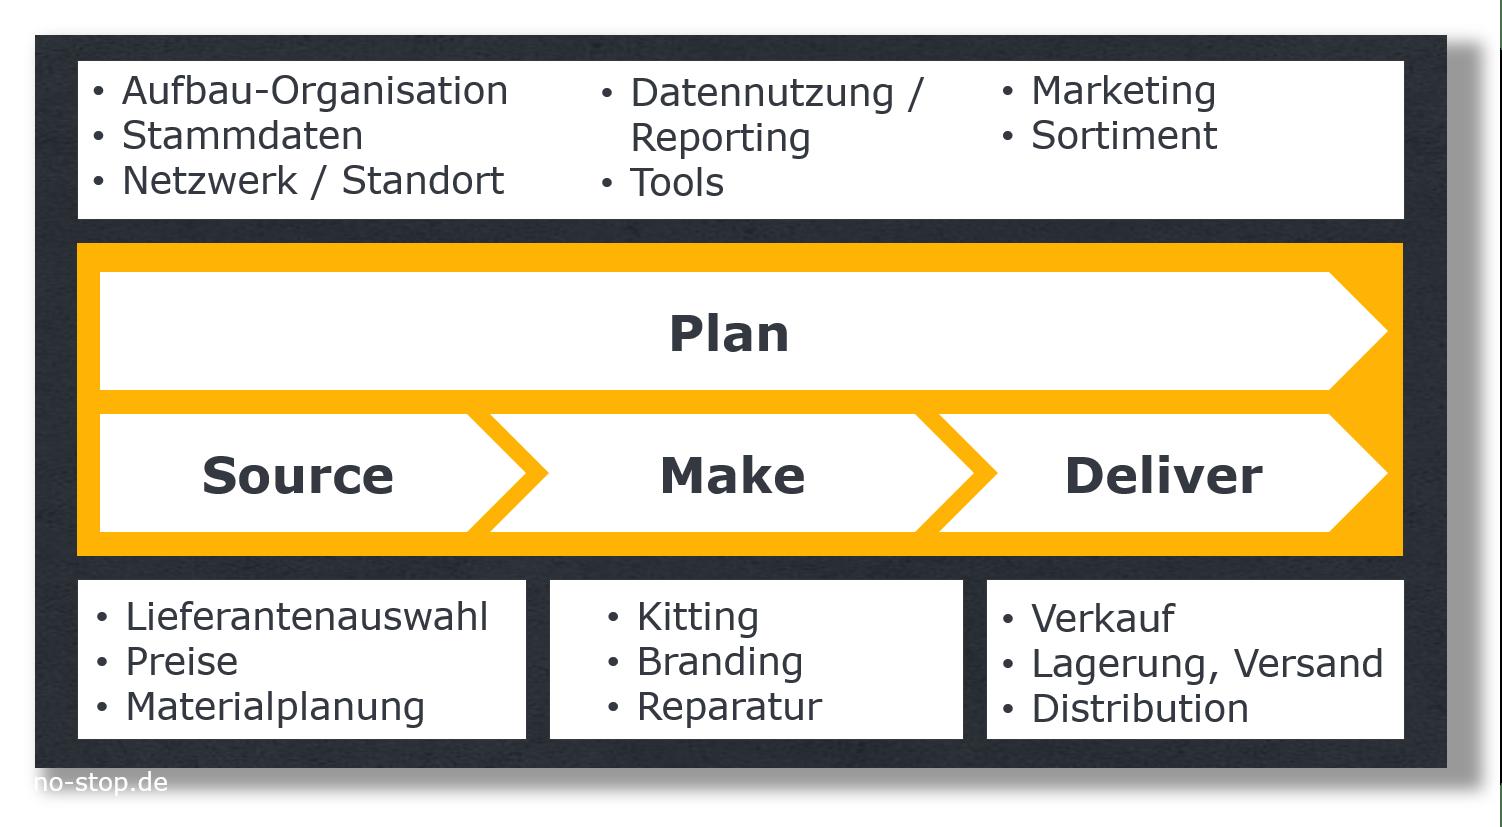 Ersatzteilmanagement Plan, Unternehmensberatung für After Sales Service no-stop.de